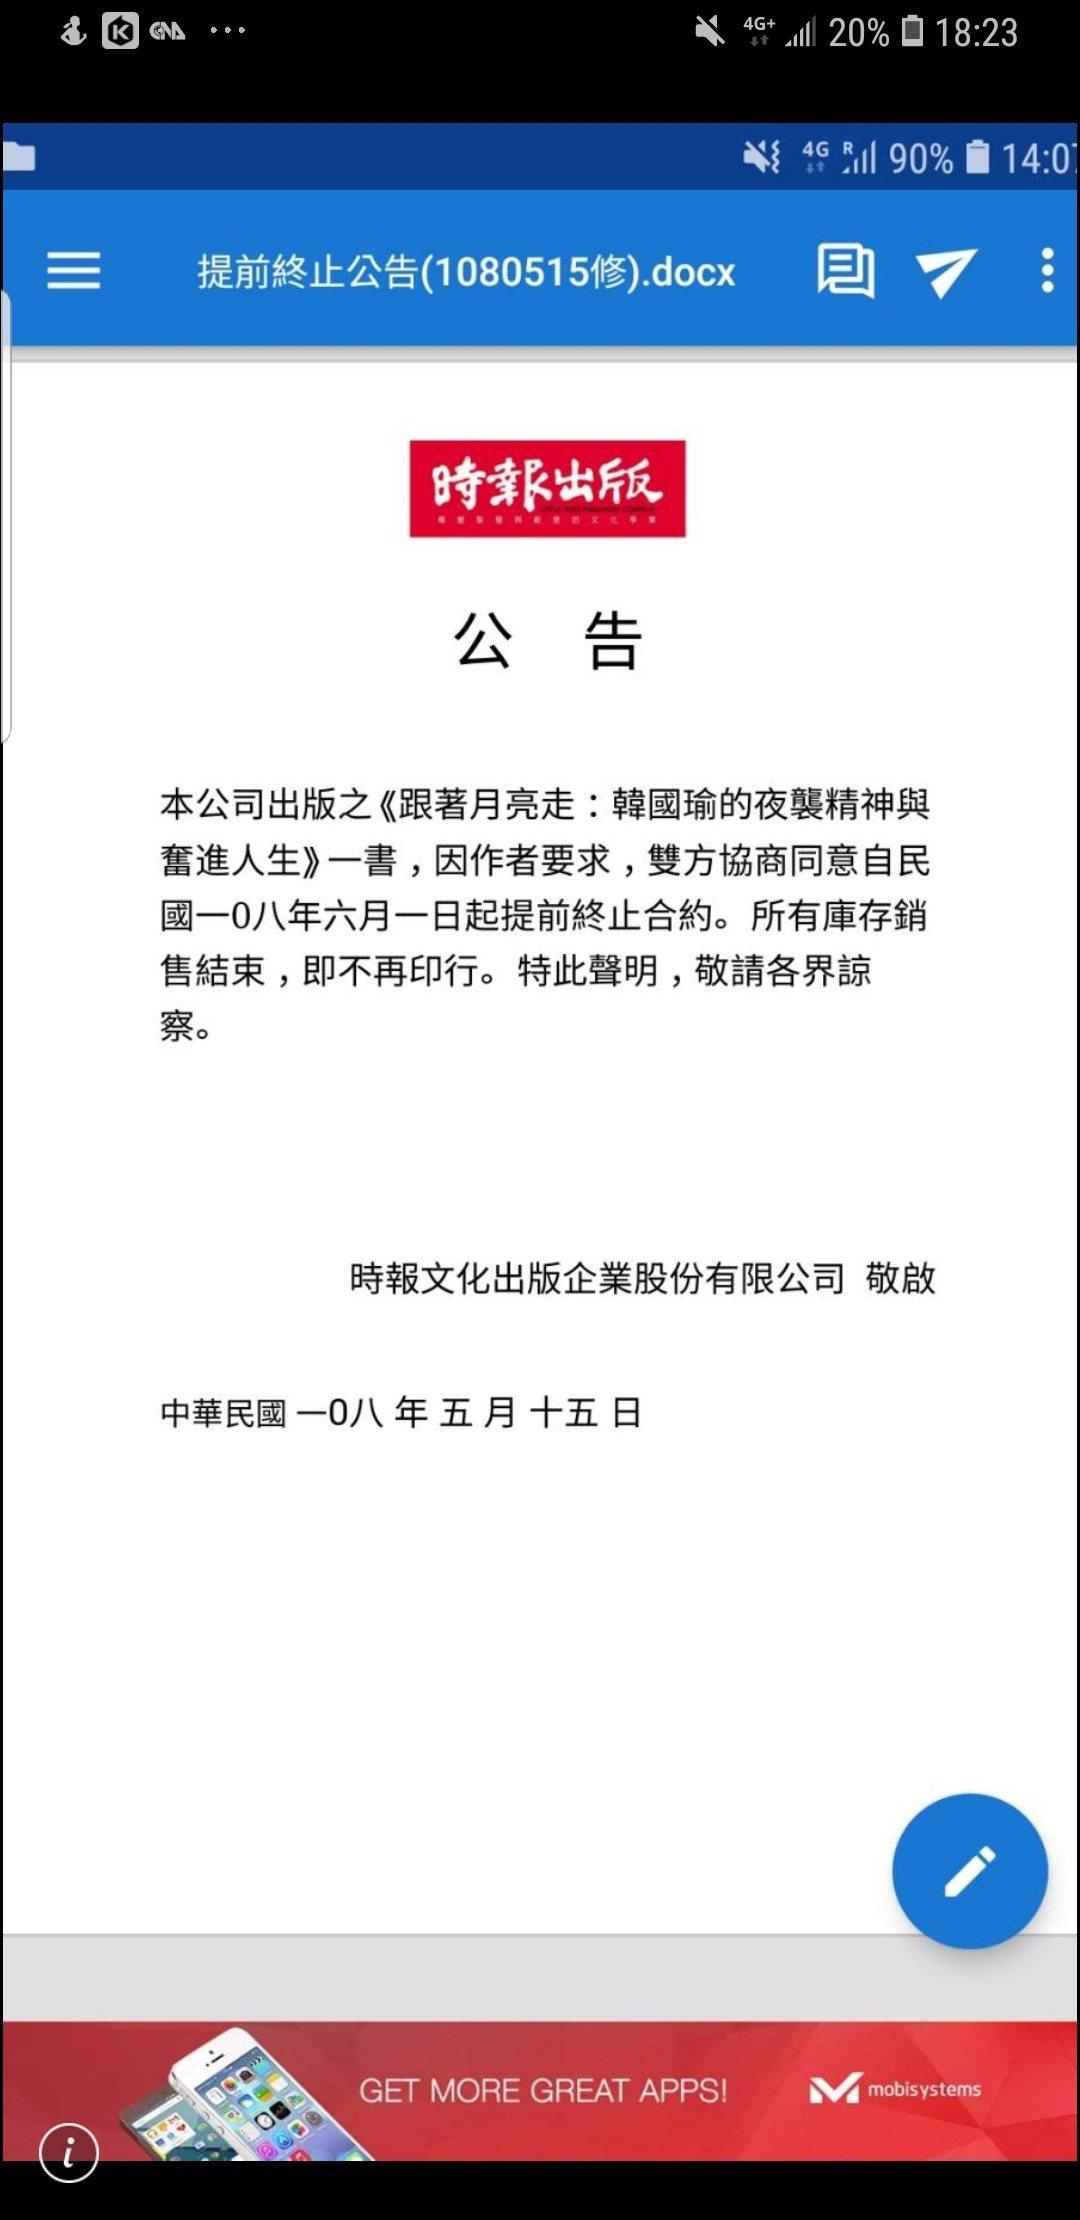 時報出版社貼出告示終止與韓國瑜的新書契約。圖片取自時報出版社網站